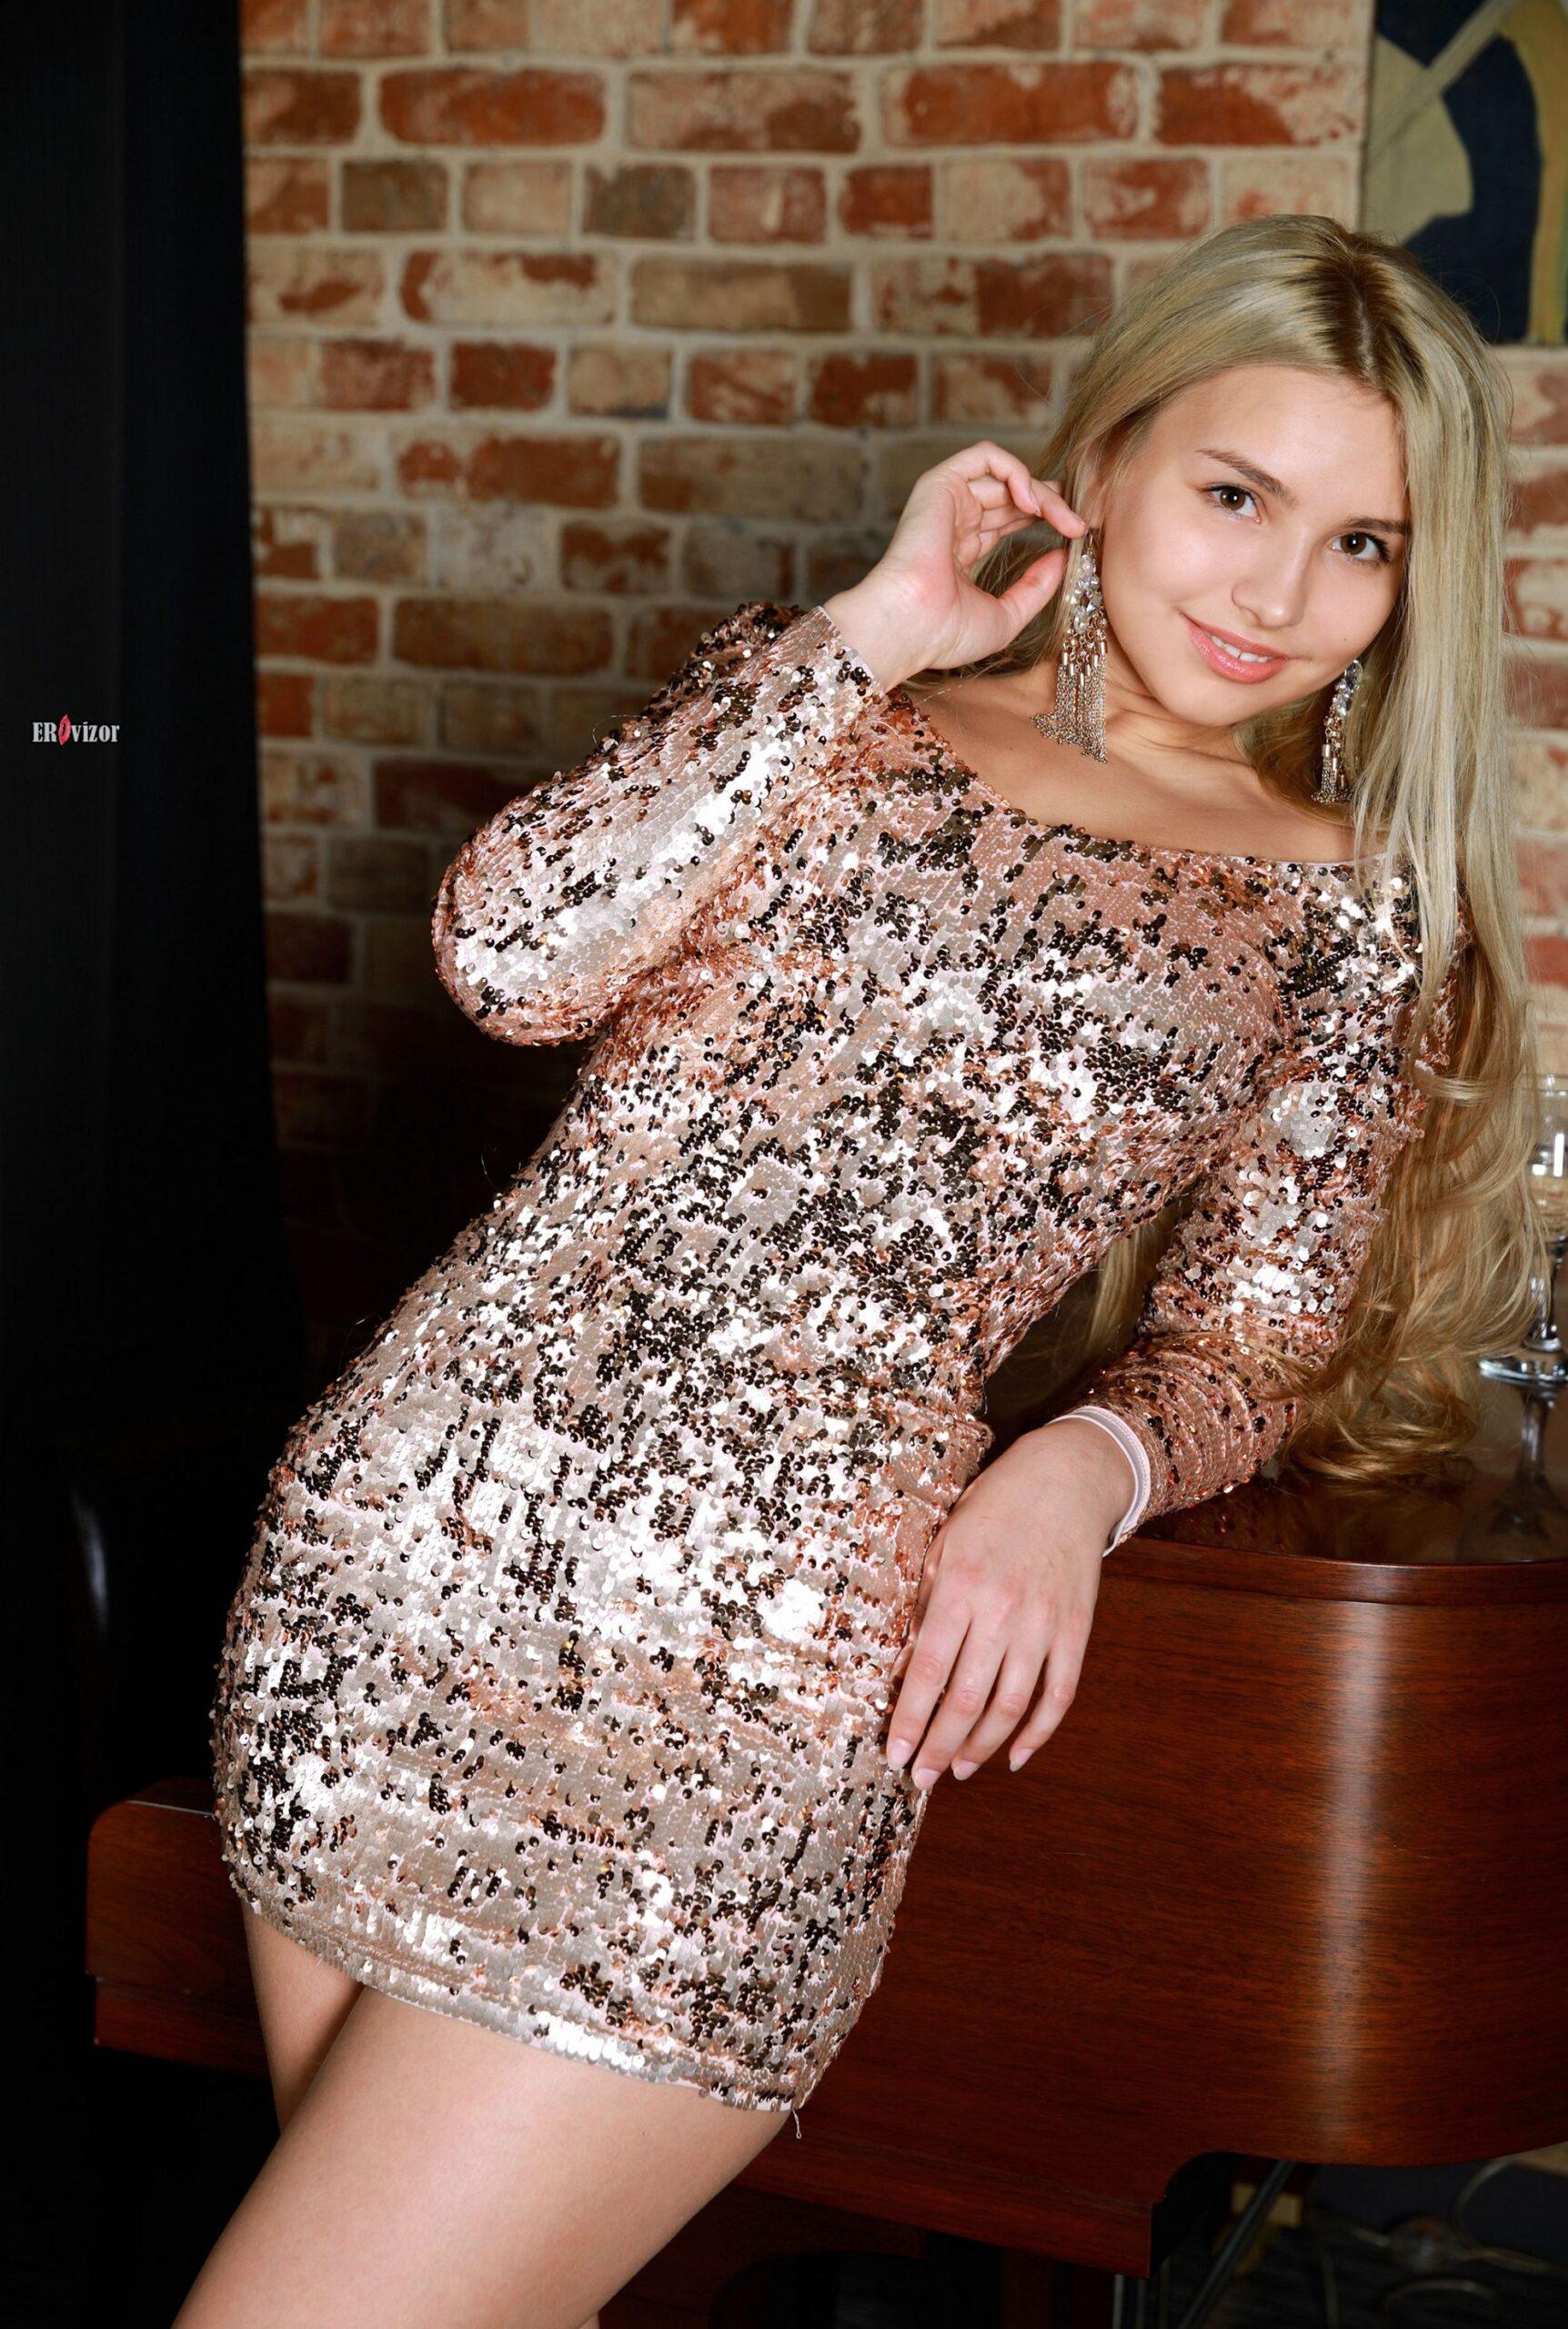 Soska-Candice-Lauren-klevaya_grud-erovizor (2)